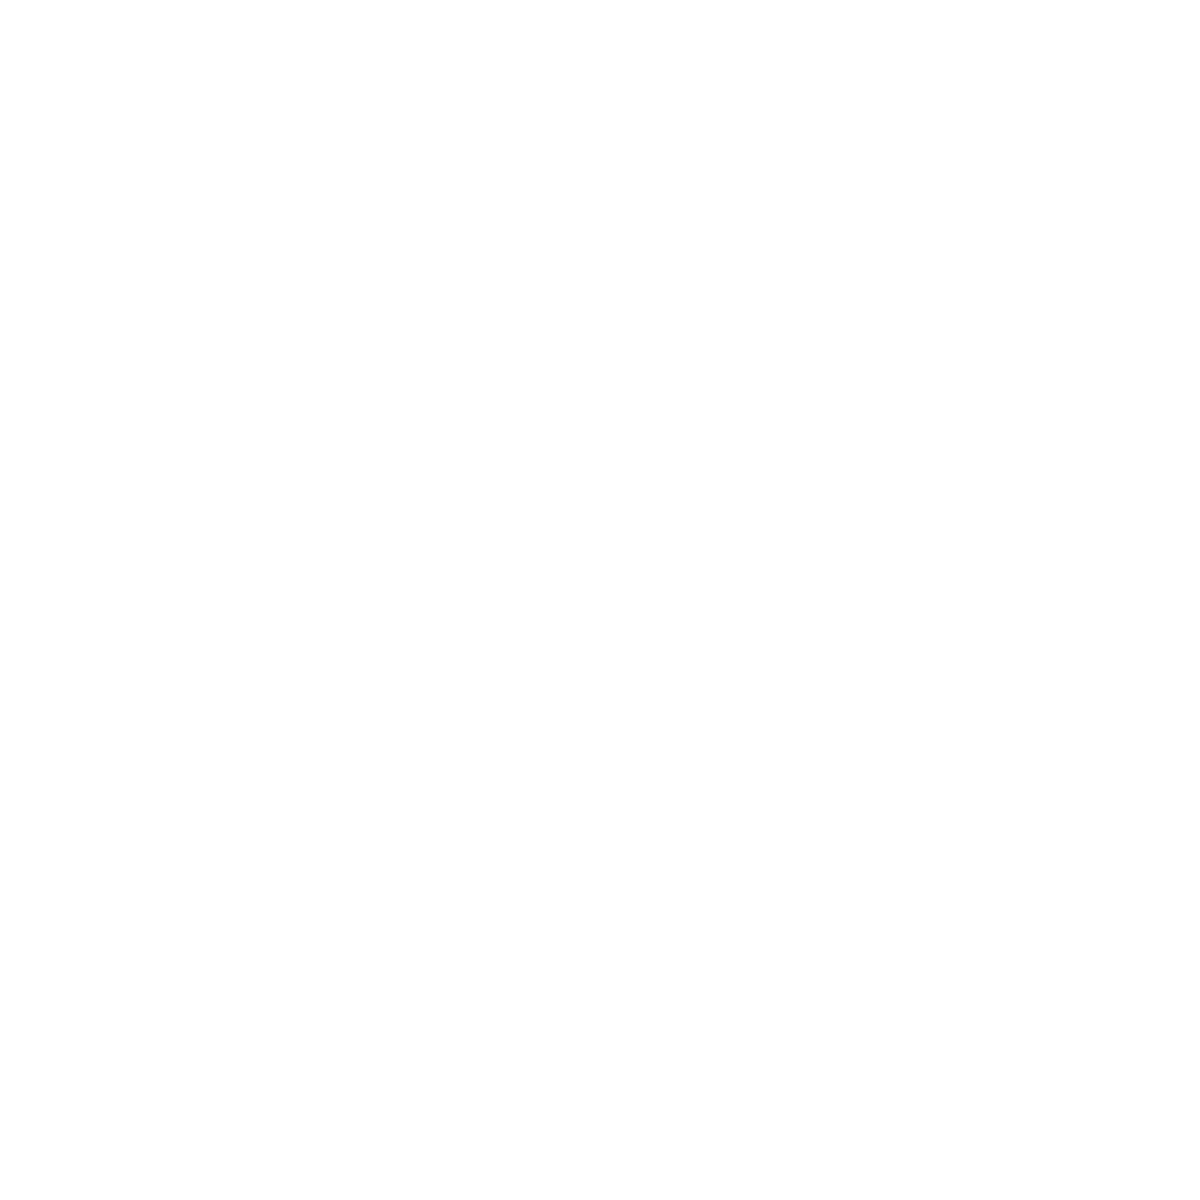 zapier-logomark-reversed